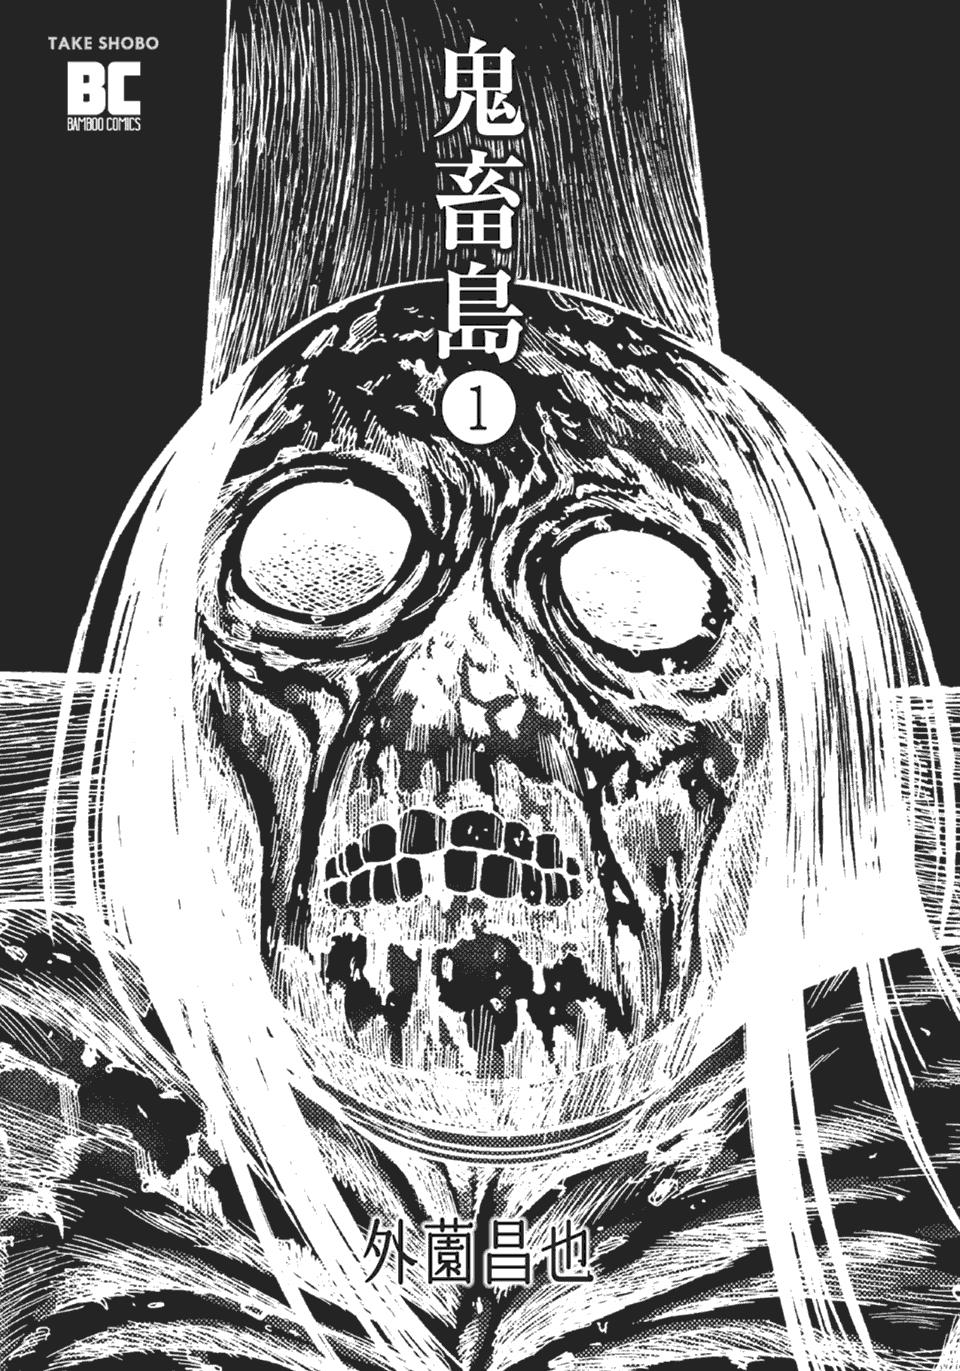 重口味黑白恐怖漫画《鬼畜岛》@幻思系